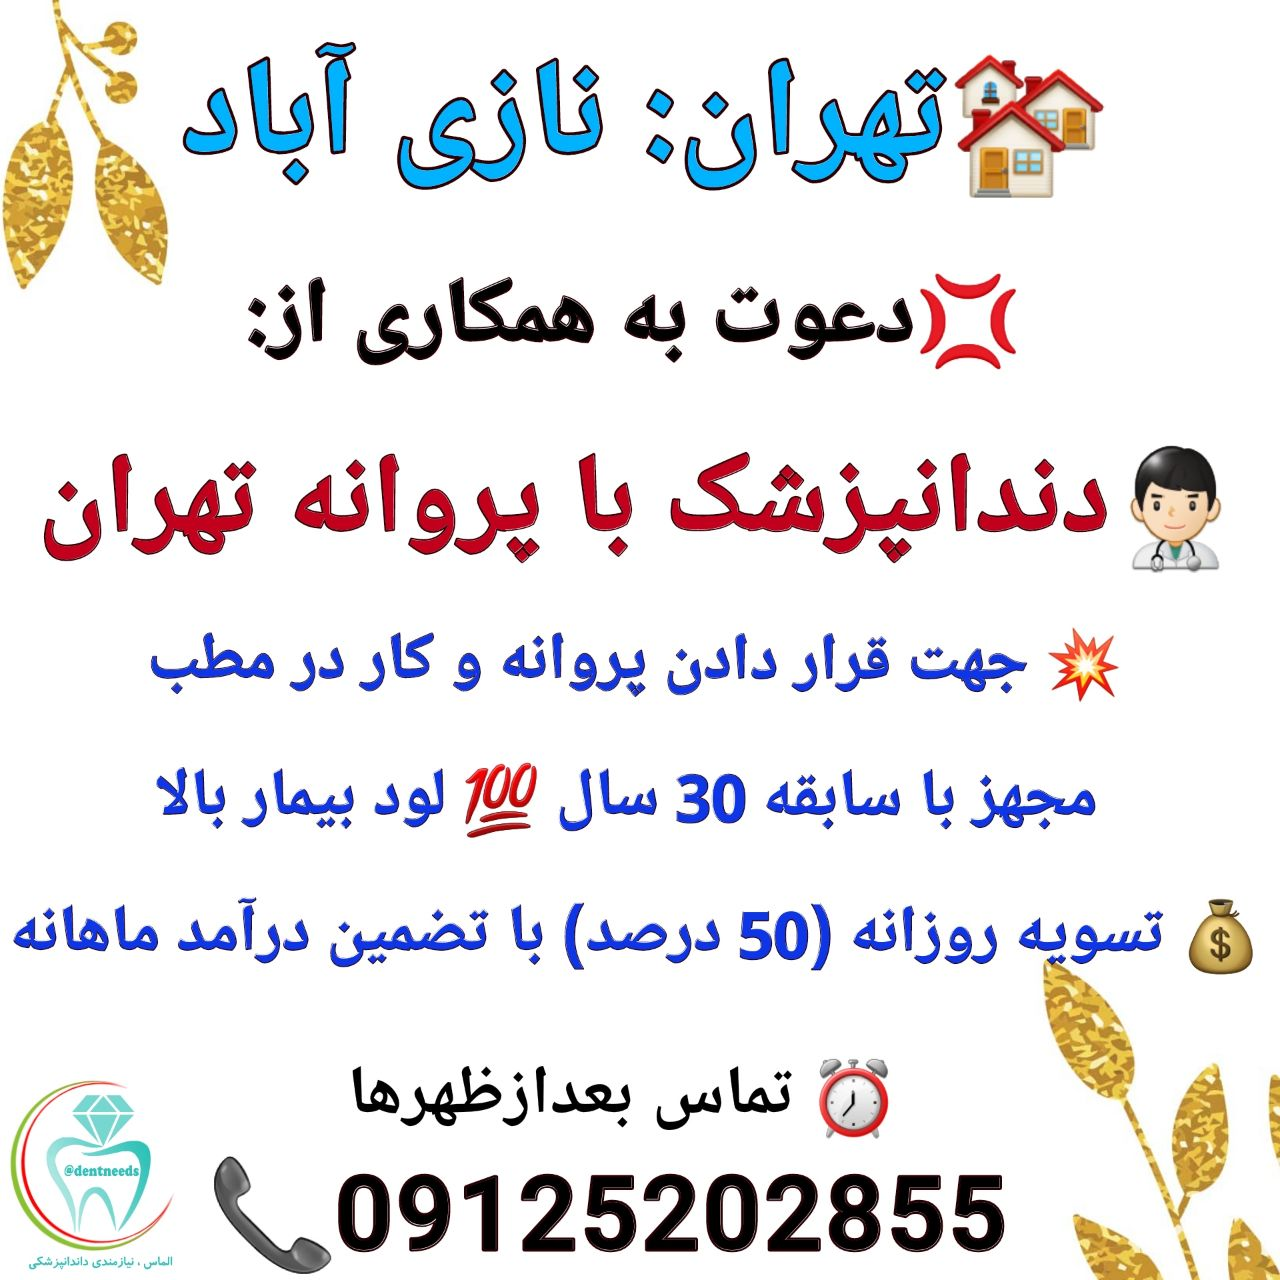 تهران: نازی آباد، دعوت به همکاری از دندانپزشک با پروانه تهران